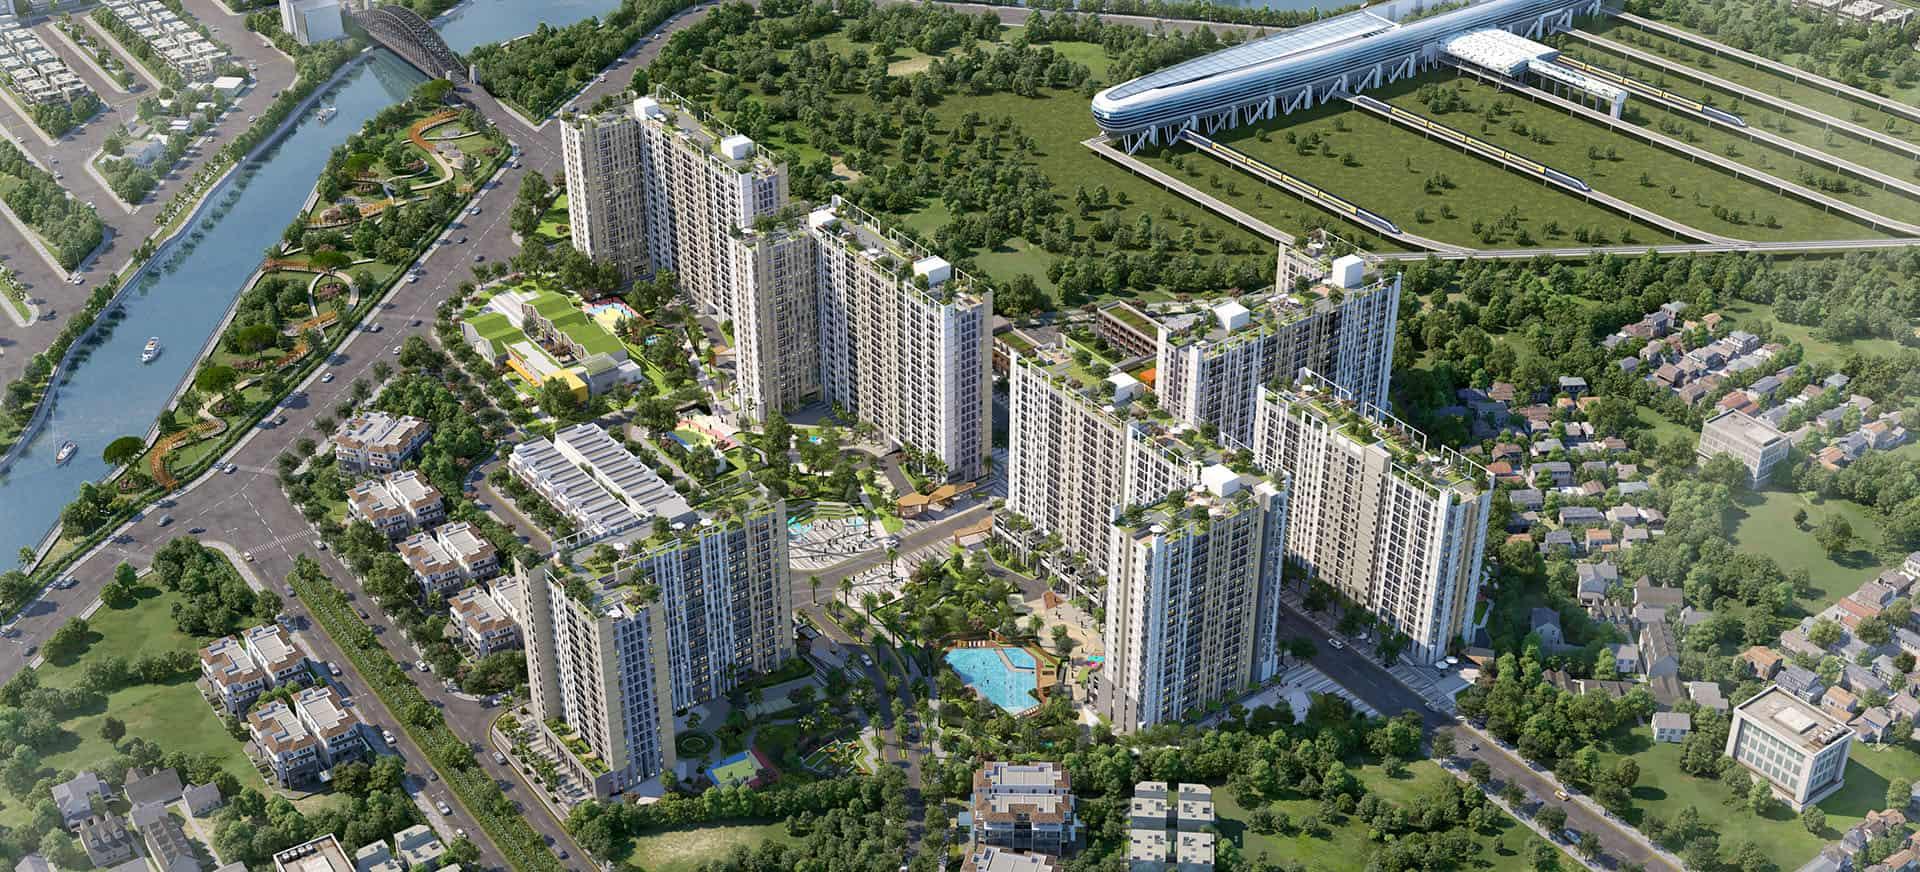 Picity High Park – Căn hộ chuẩn xanh Singapore dành cho cư dân trẻ thành đạt